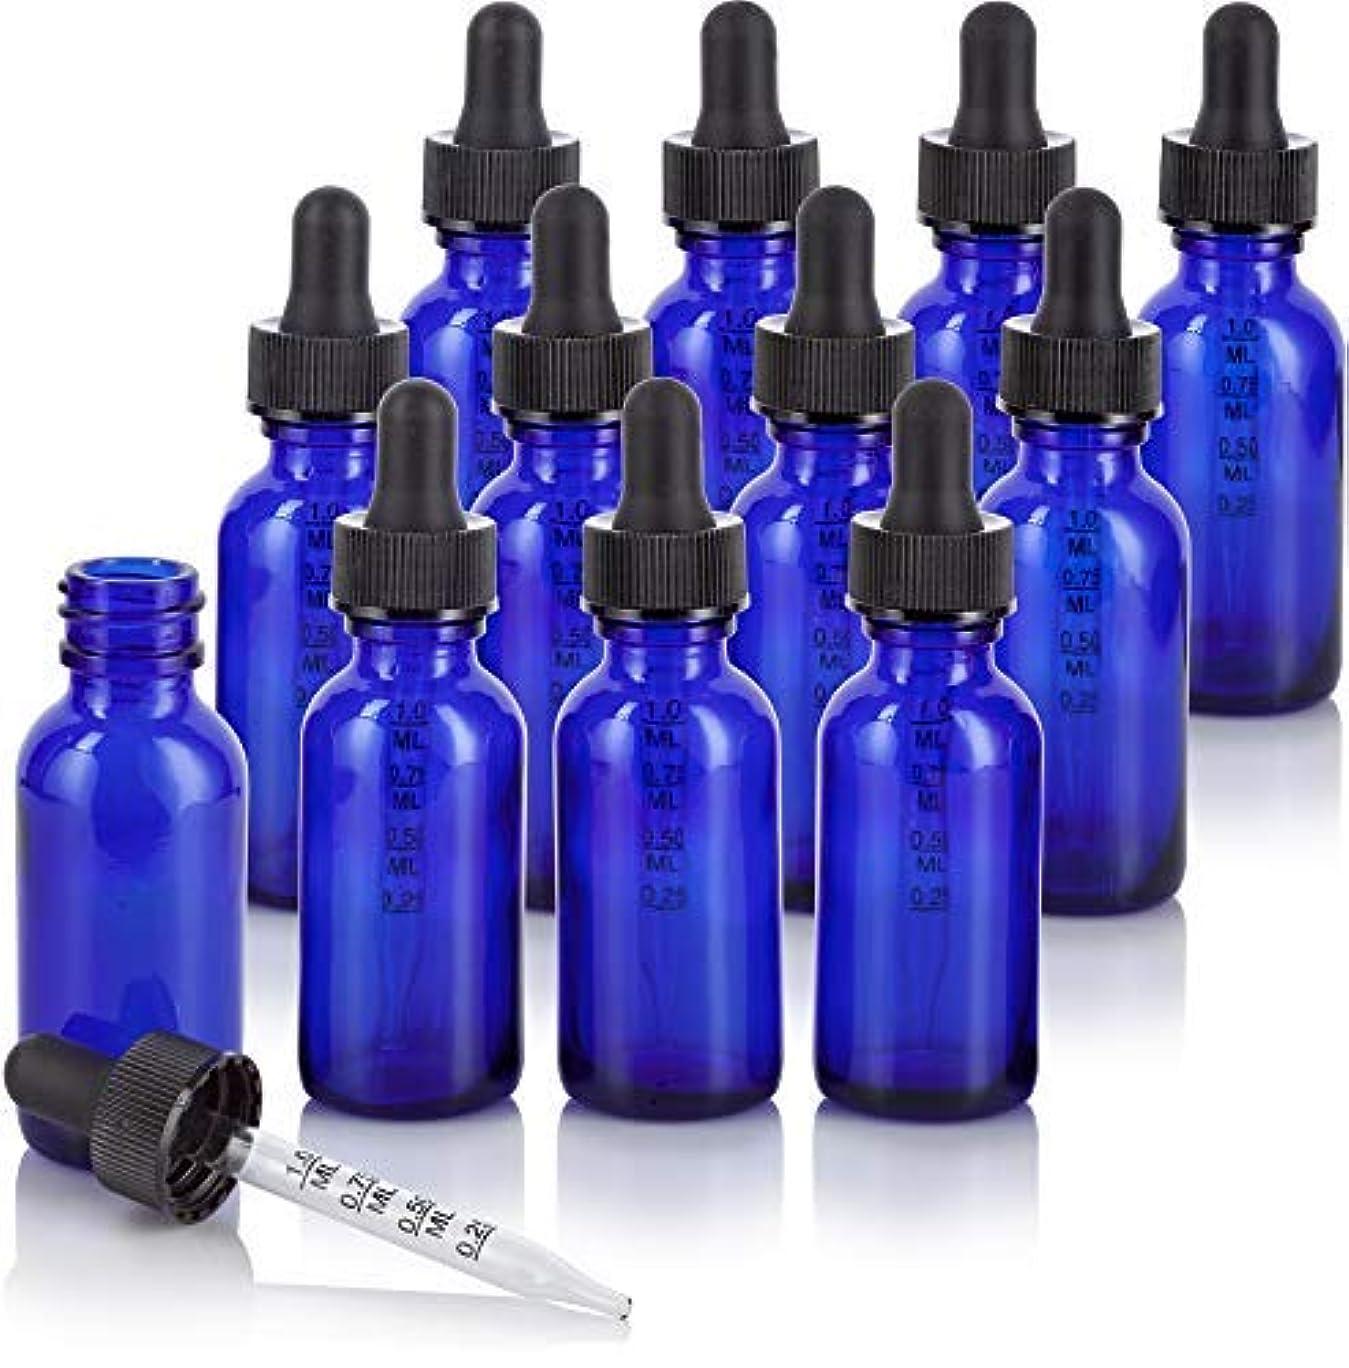 少ないバタフライほのめかす1 oz Cobalt Blue Glass Boston Round Graduated Measurement Glass Dropper Bottle (12 pack) + Funnel for essential...